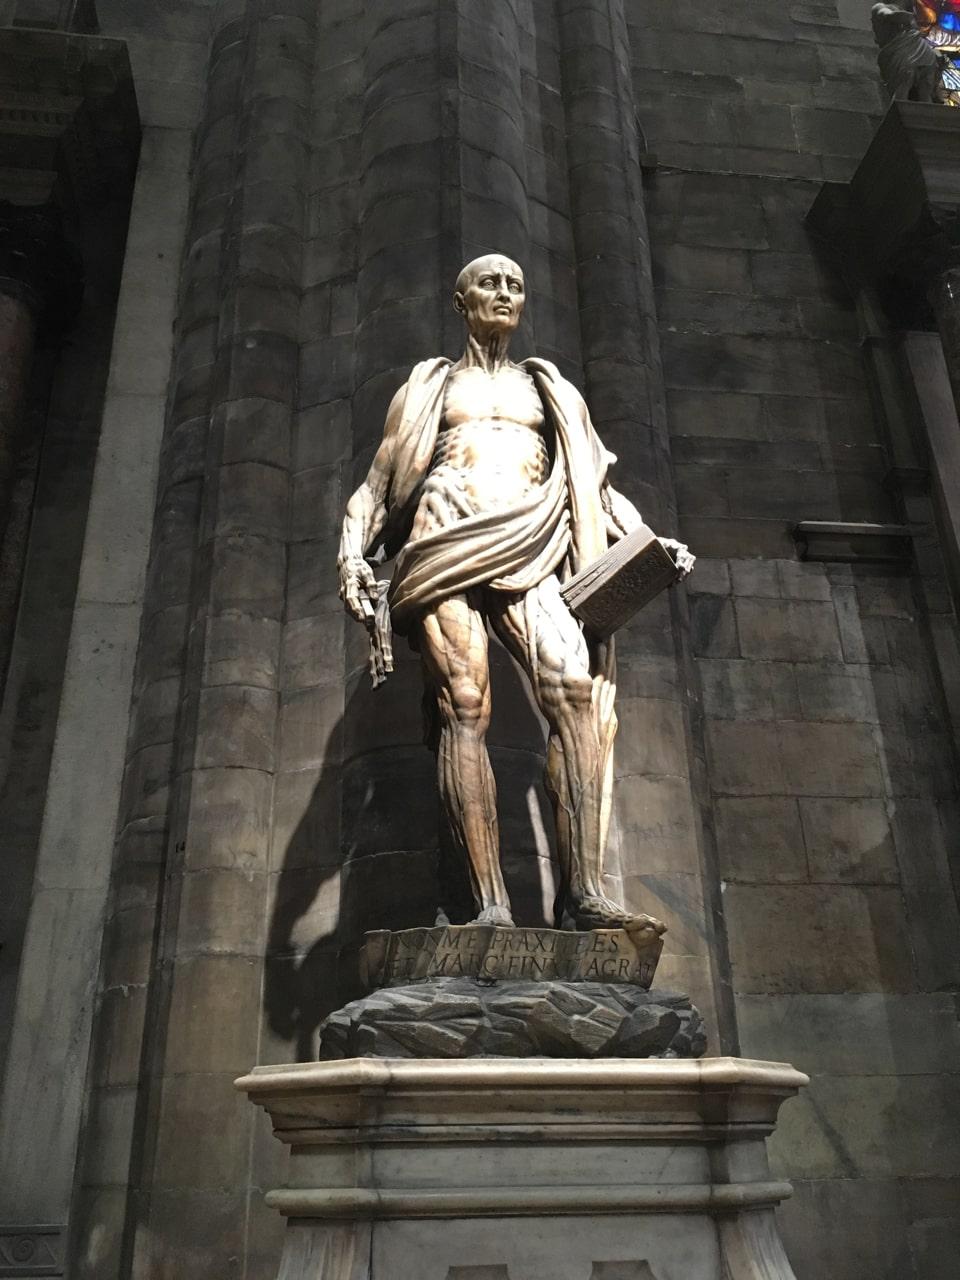 这尊看起来有点恐怖的大理石雕像描绘的是耶稣的十二使徒之一——圣巴多罗买手拿折叠好的自己人皮的情景。传说他在印度和亚美尼亚布道,与他的死亡和遗骨有关的故事都很可怖。他是被活活剥皮而殉教的。